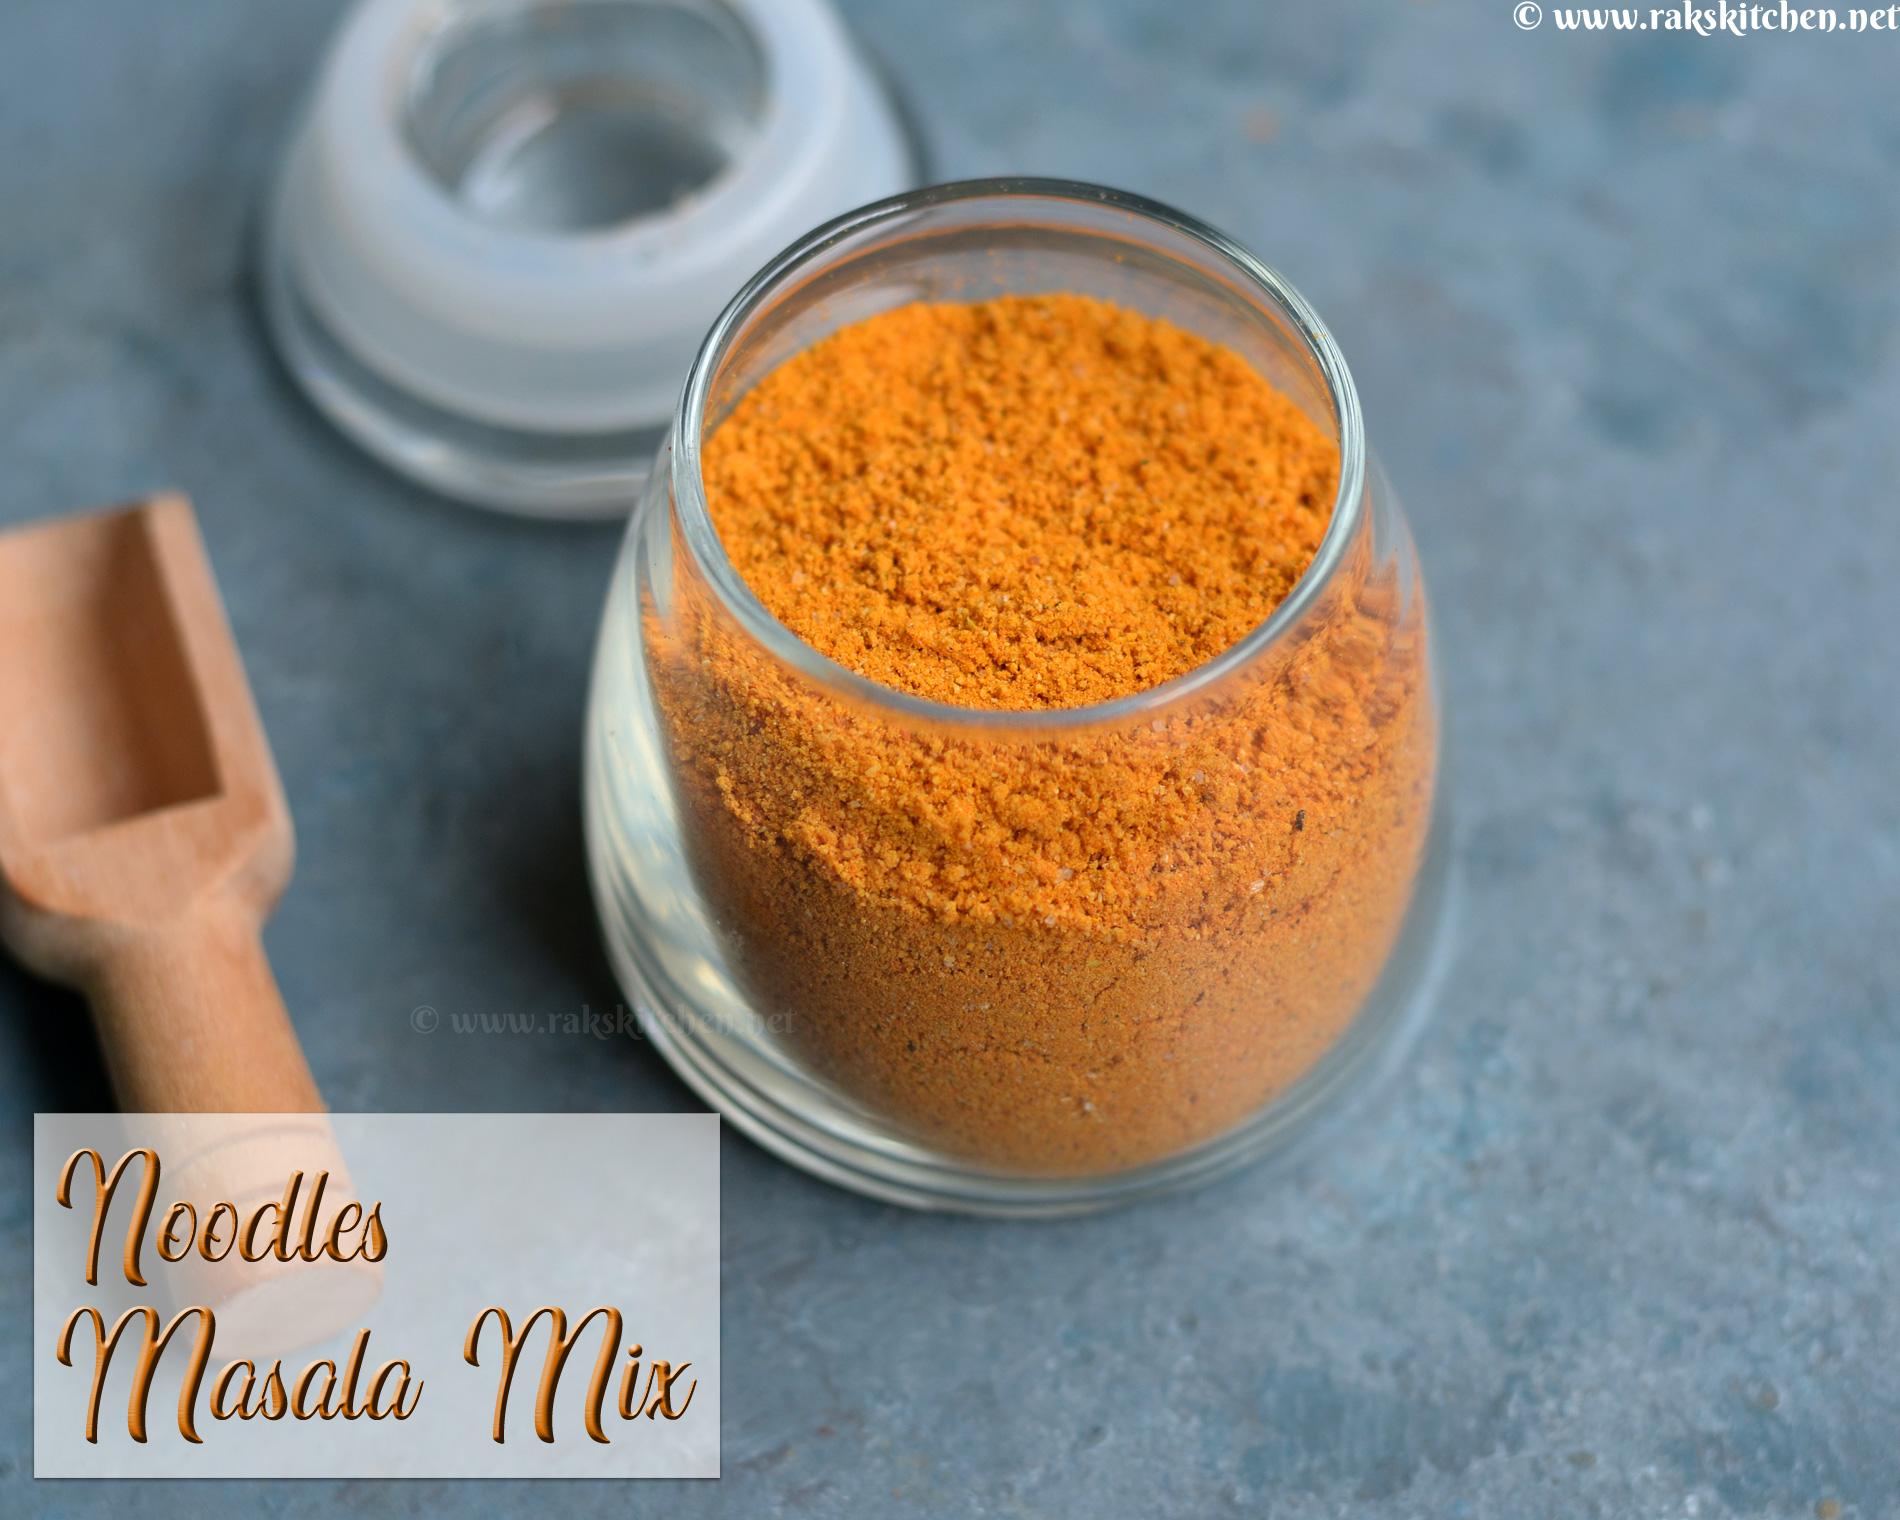 Receita fácil rápida de macarrão masala, macarrão caseiro masala 1